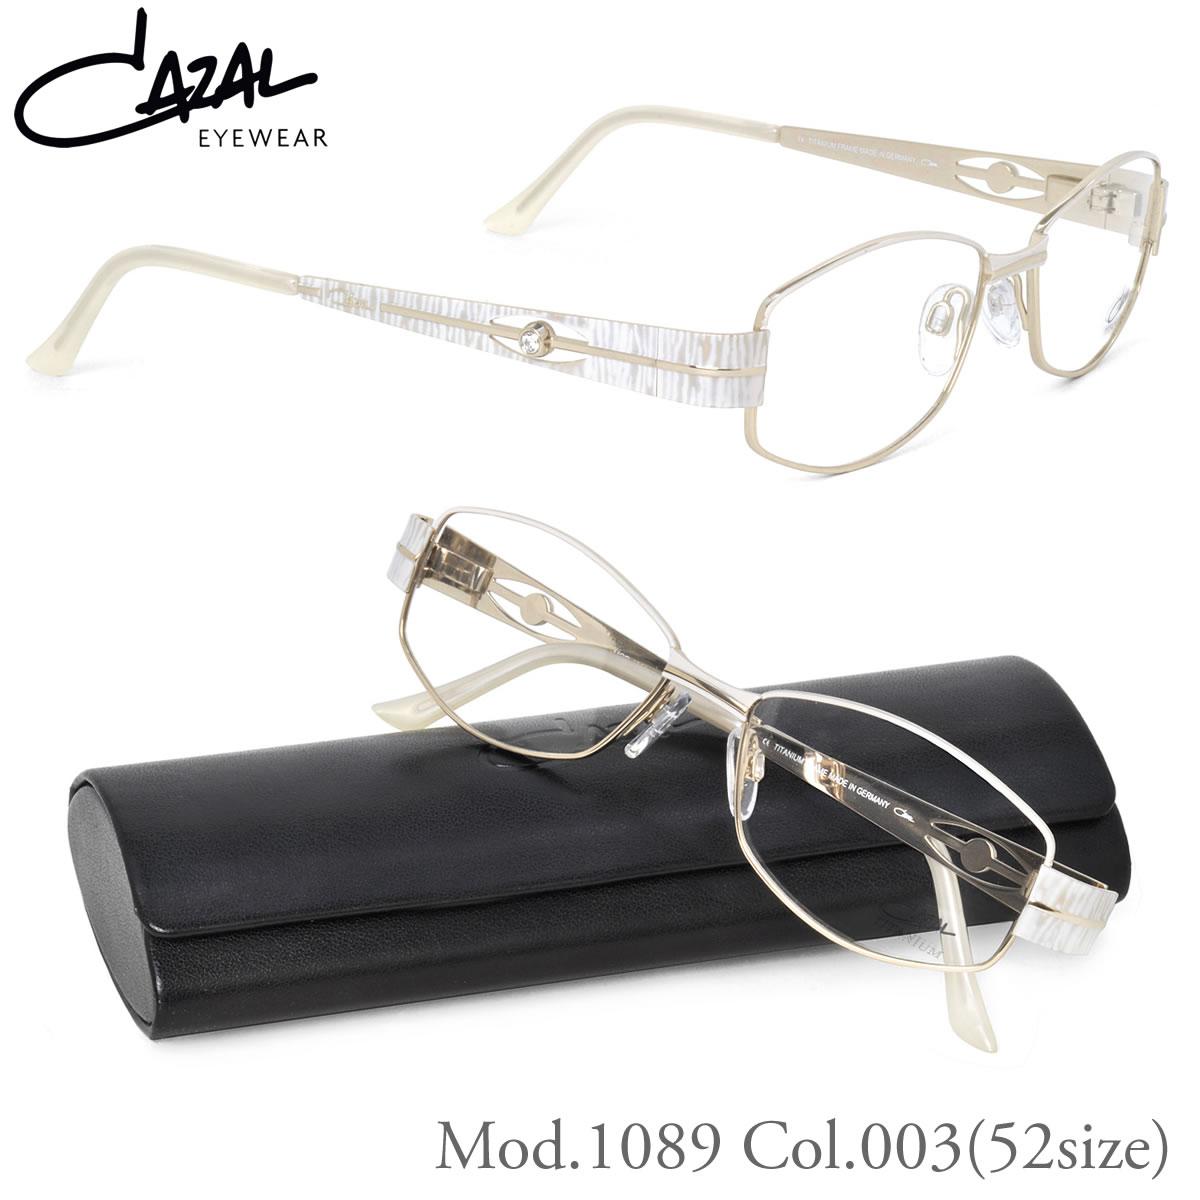 【10月30日からエントリーで全品ポイント20倍】カザール メガネ 1089 003 52サイズCAZAL レディース フレーム 眼鏡伊達メガネ用レンズ無料